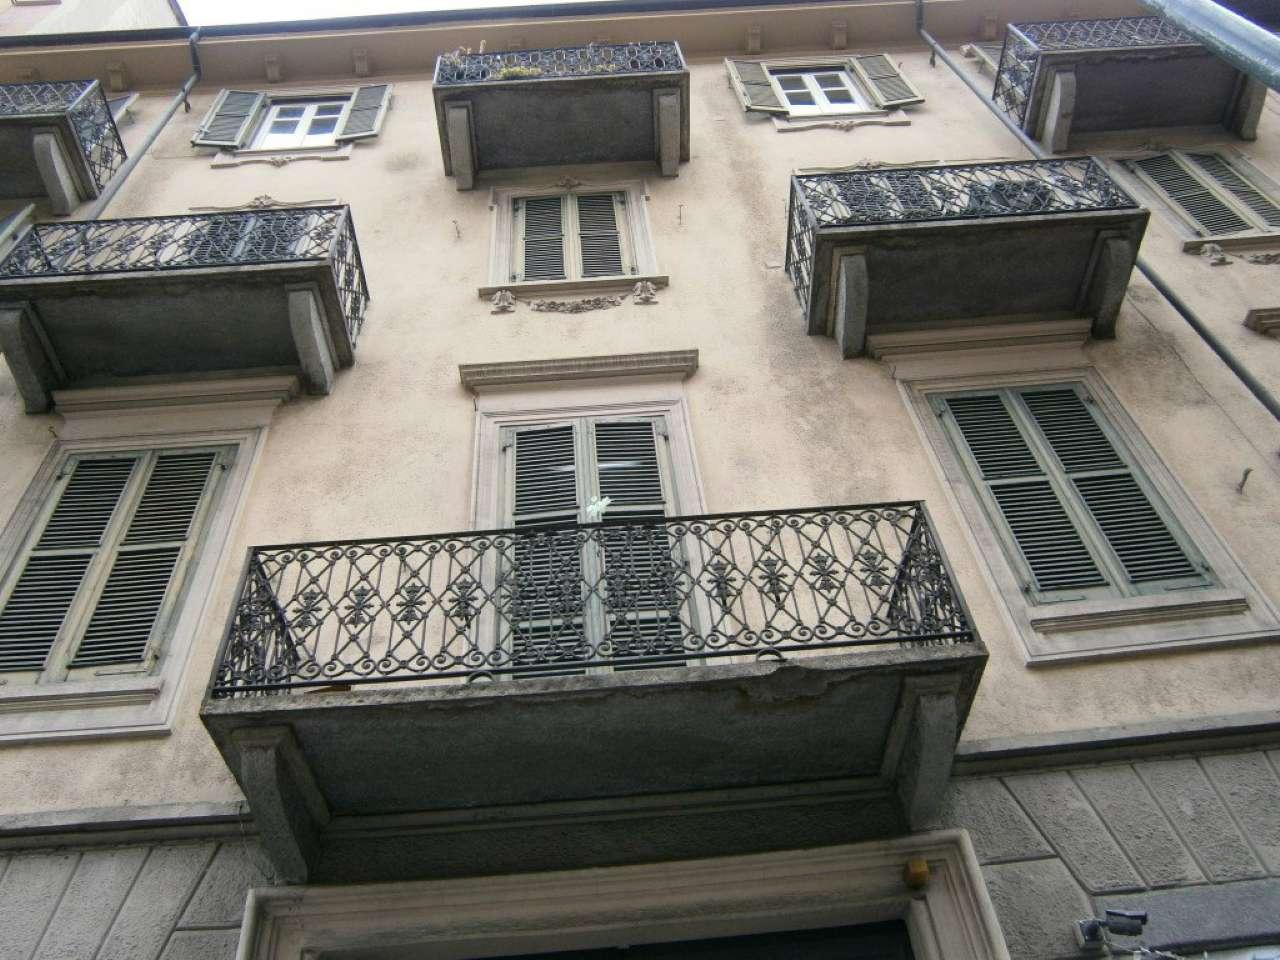 Foto 1 di Appartamento via principi d'acaja 53, Torino (zona Cit Turin, San Donato, Campidoglio)